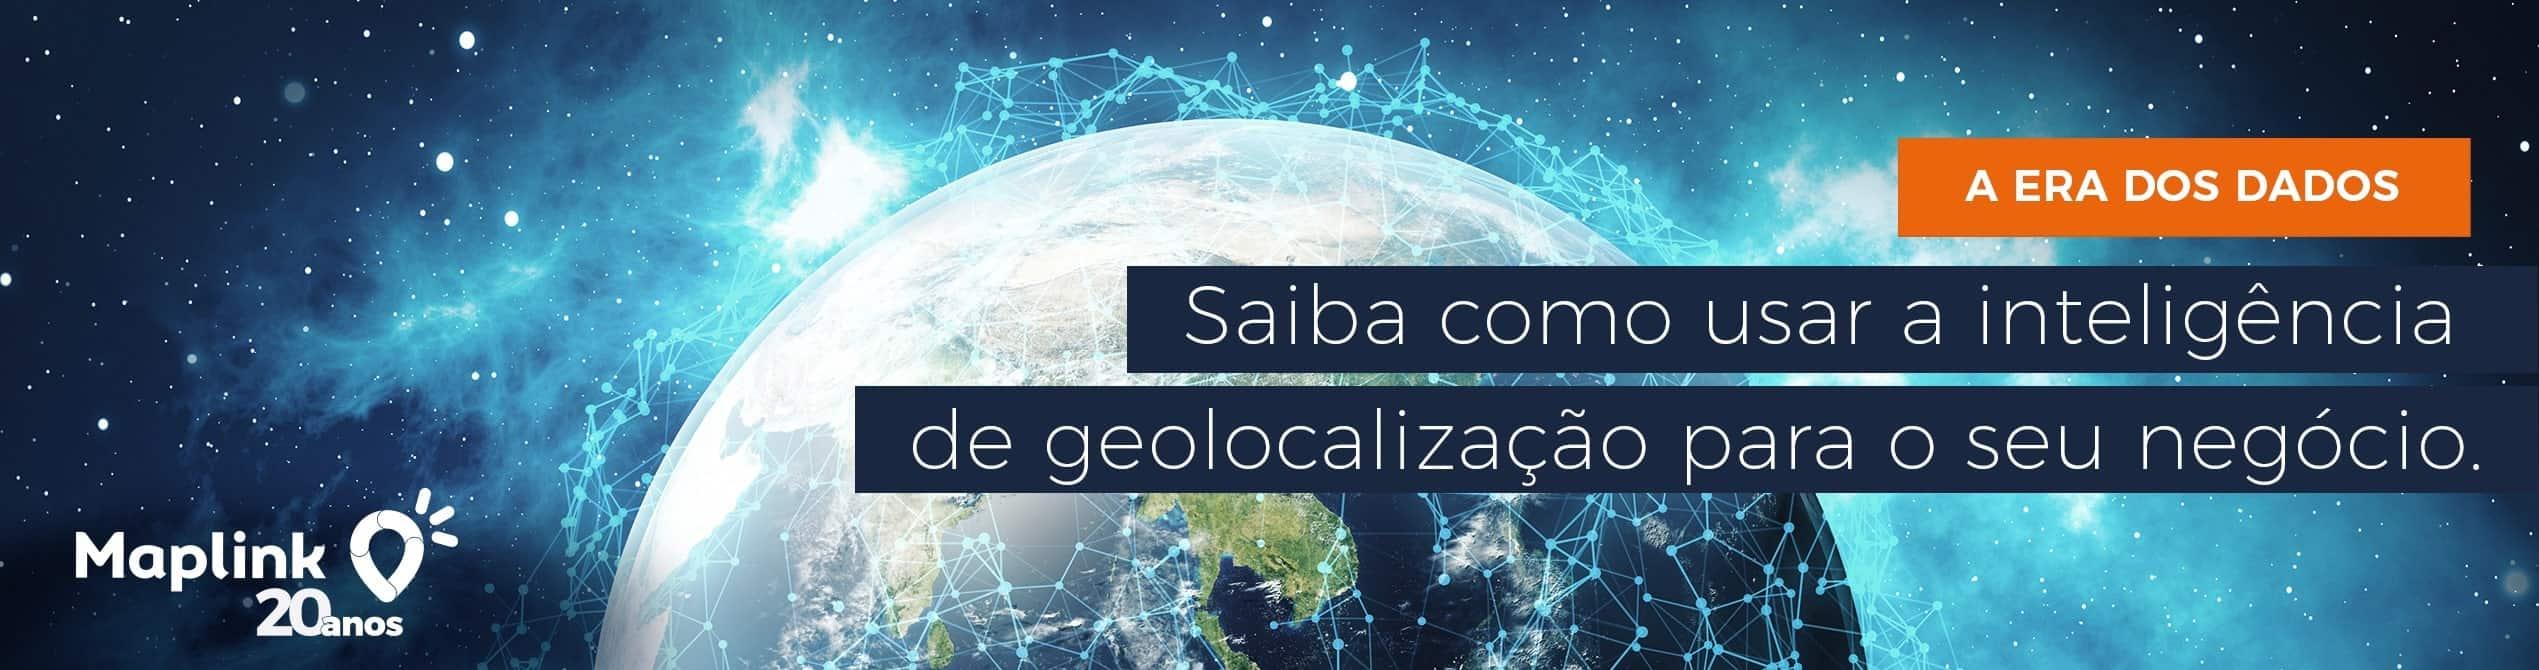 empresa de geolocalização